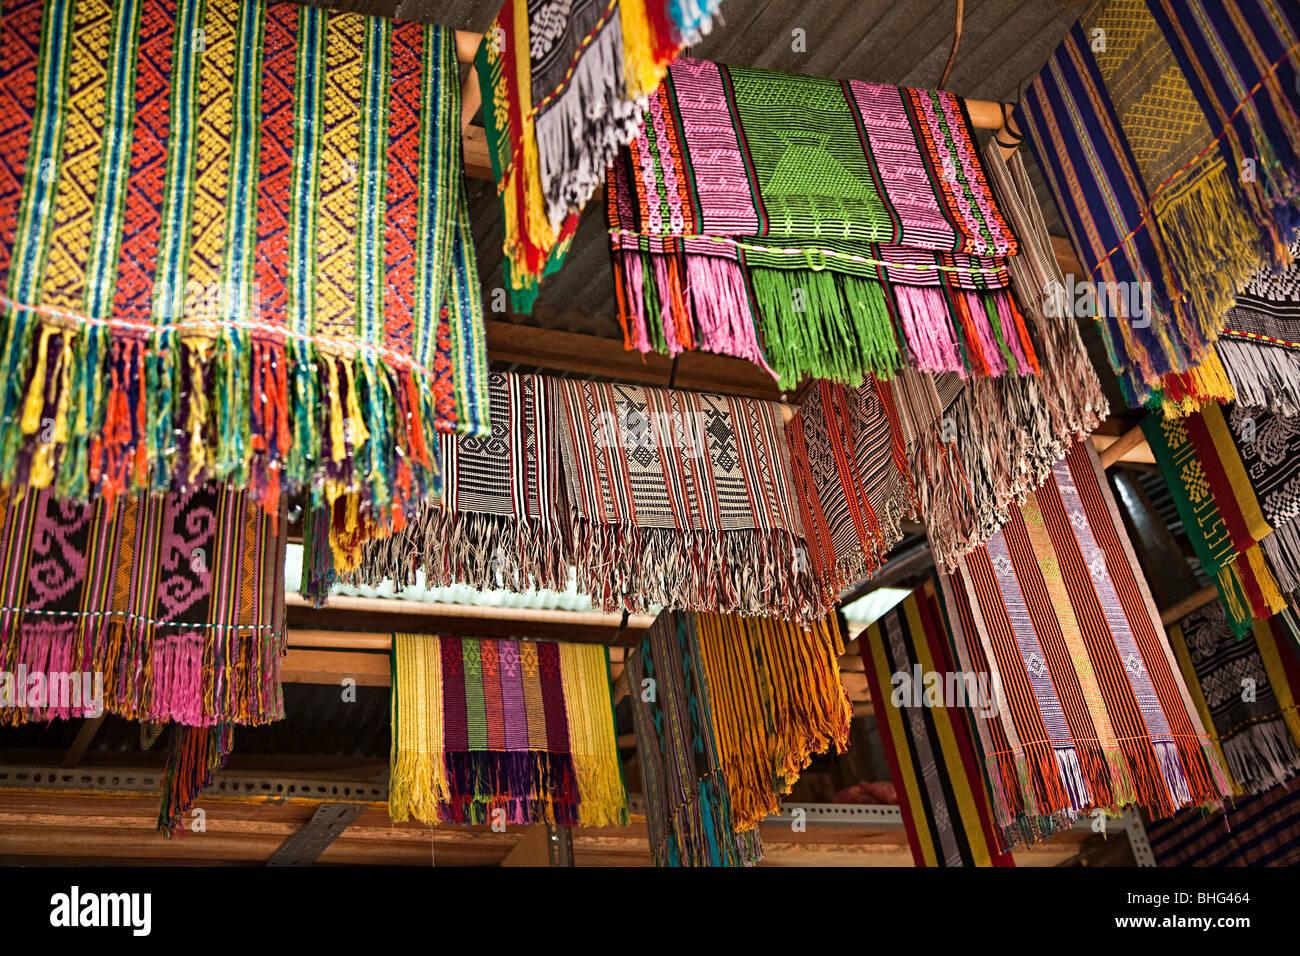 Tais nel mercato di Dili Timor orientale Immagini Stock